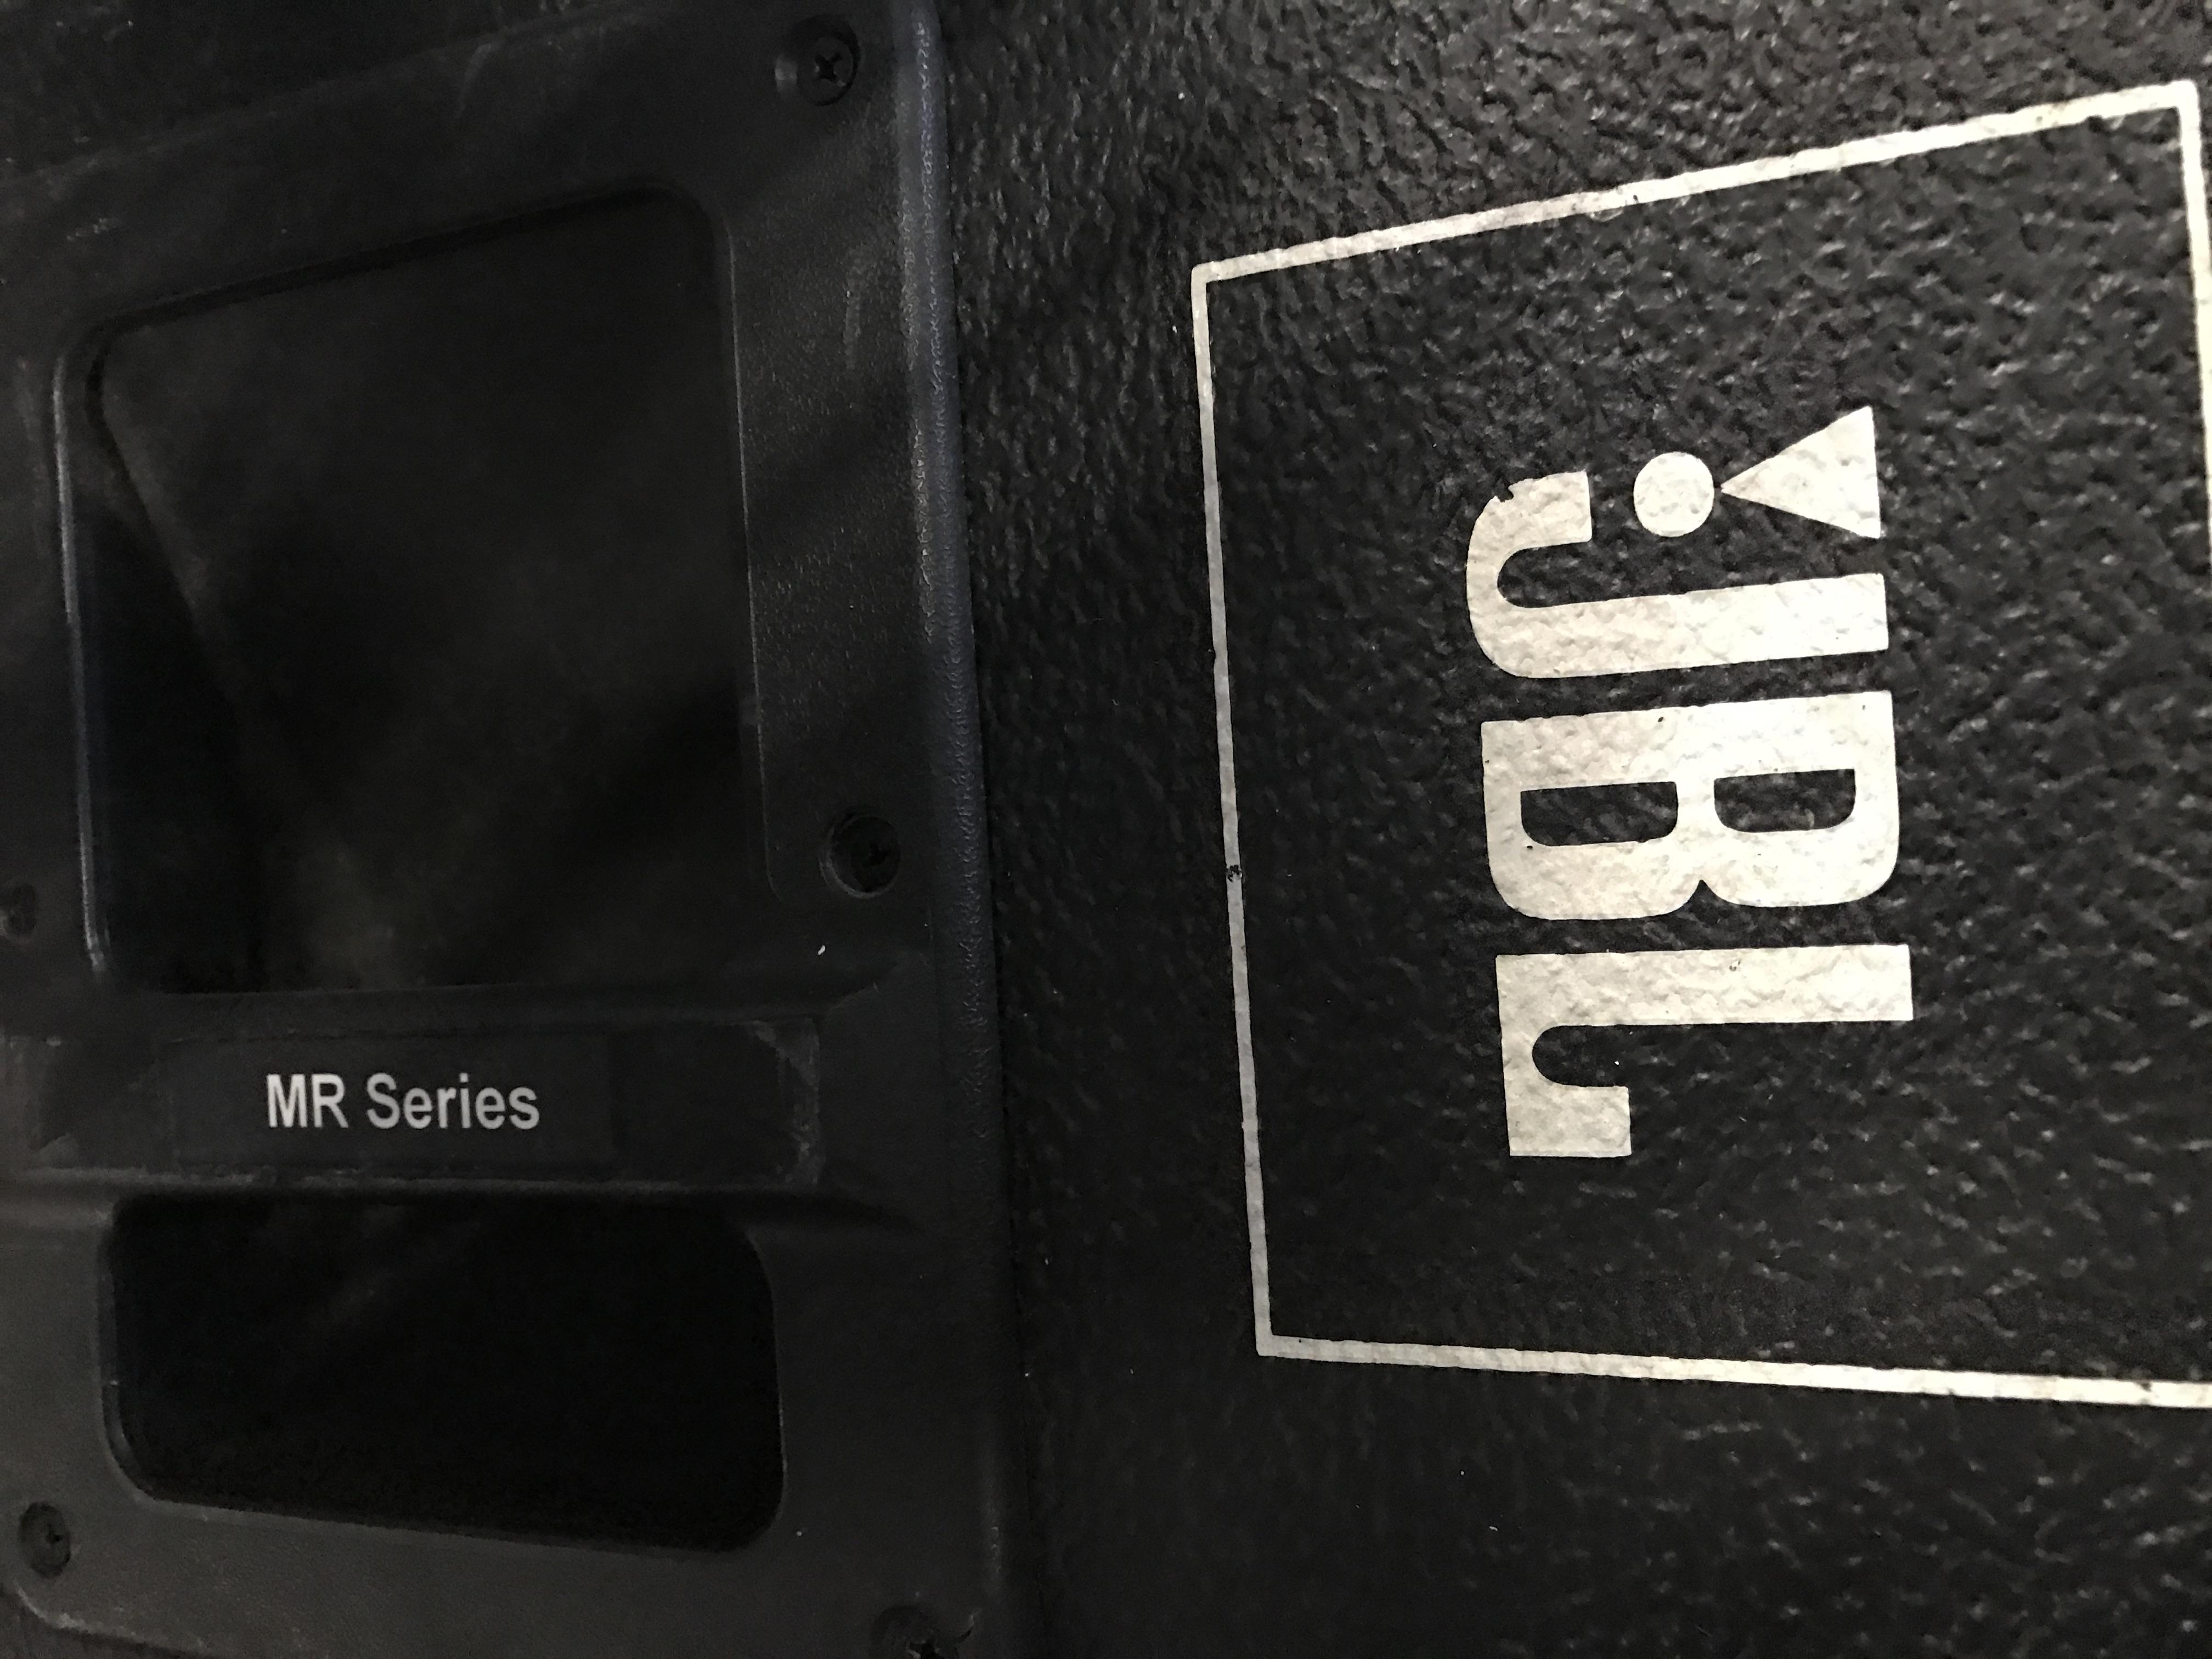 set of 2 jbl mr series speakers mod mr822. Black Bedroom Furniture Sets. Home Design Ideas